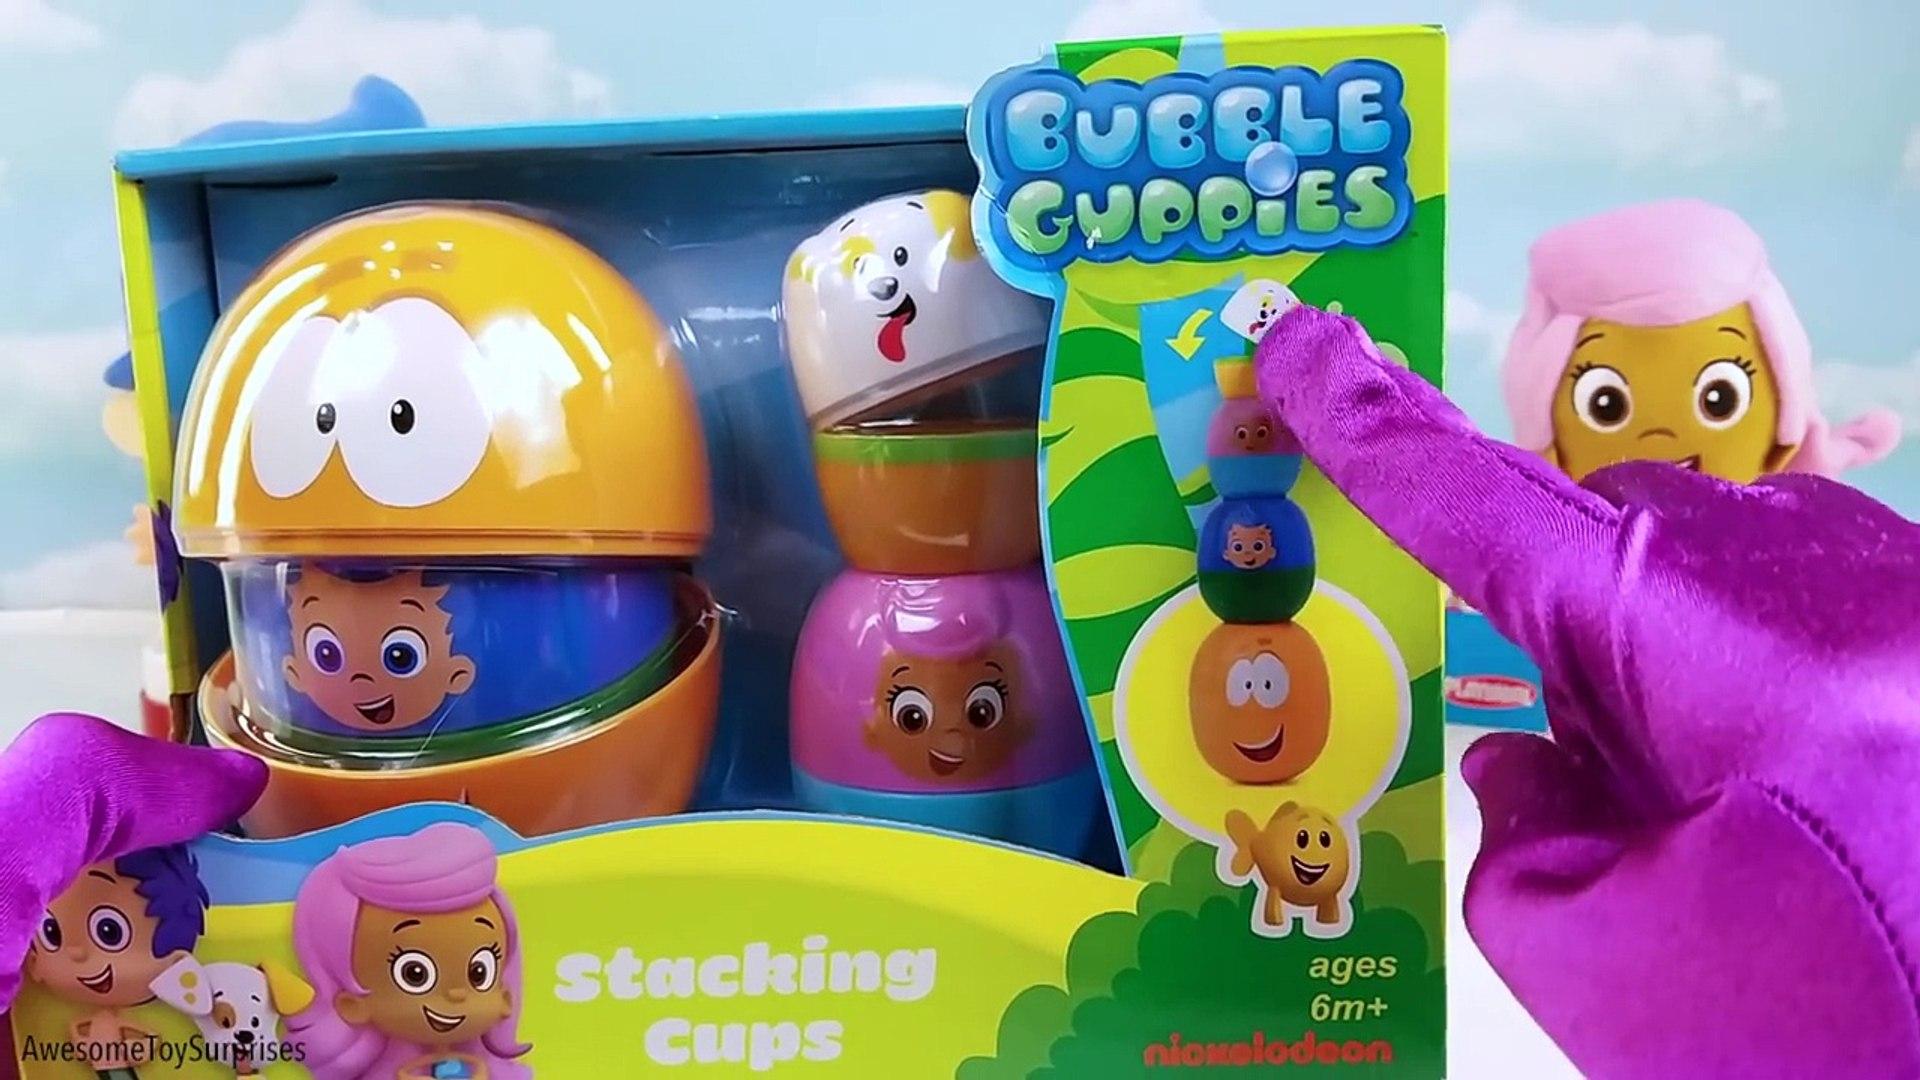 Узнайте цвета фрукты овощи лед крем пузырь гуппи штабелирования чашки игрушка сюрприз Яйца Сл